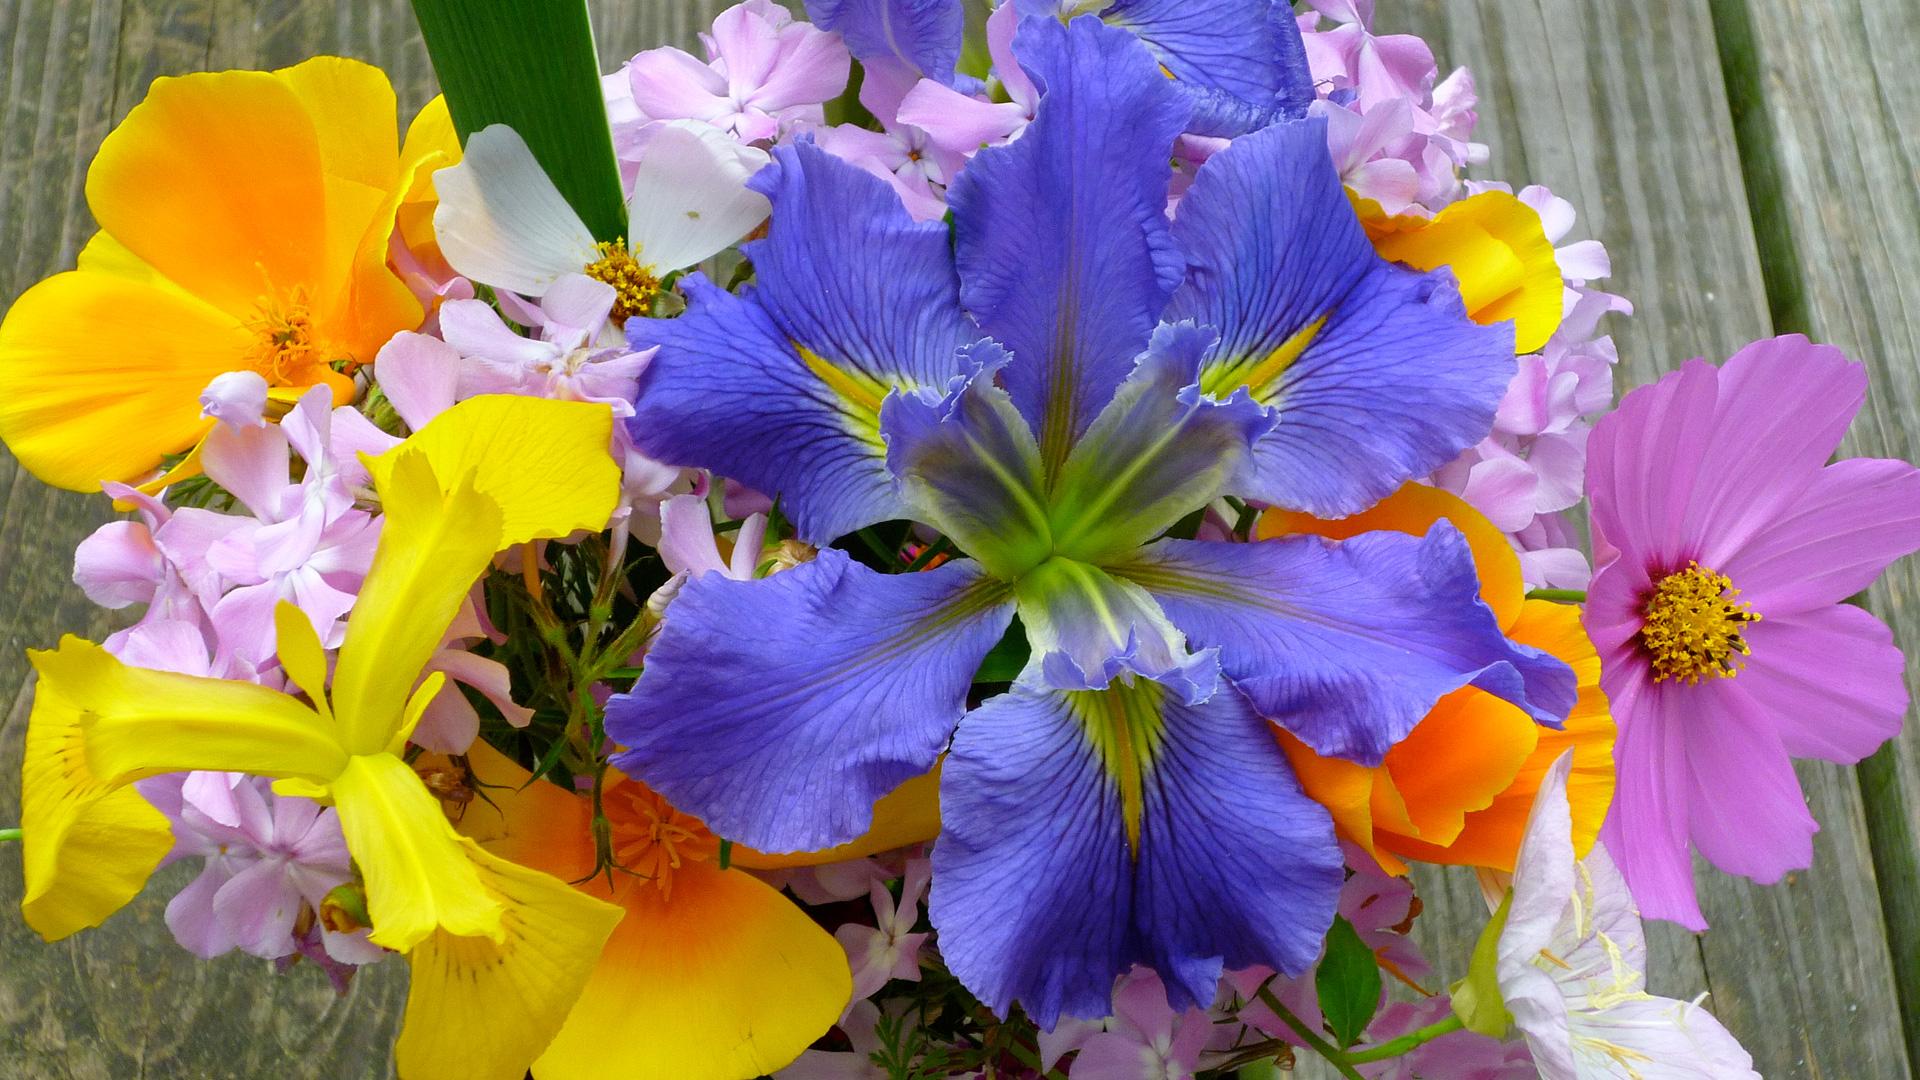 Spring Flowers Widescreen 1396   HD Desktop Wallpaper HD 1920x1080